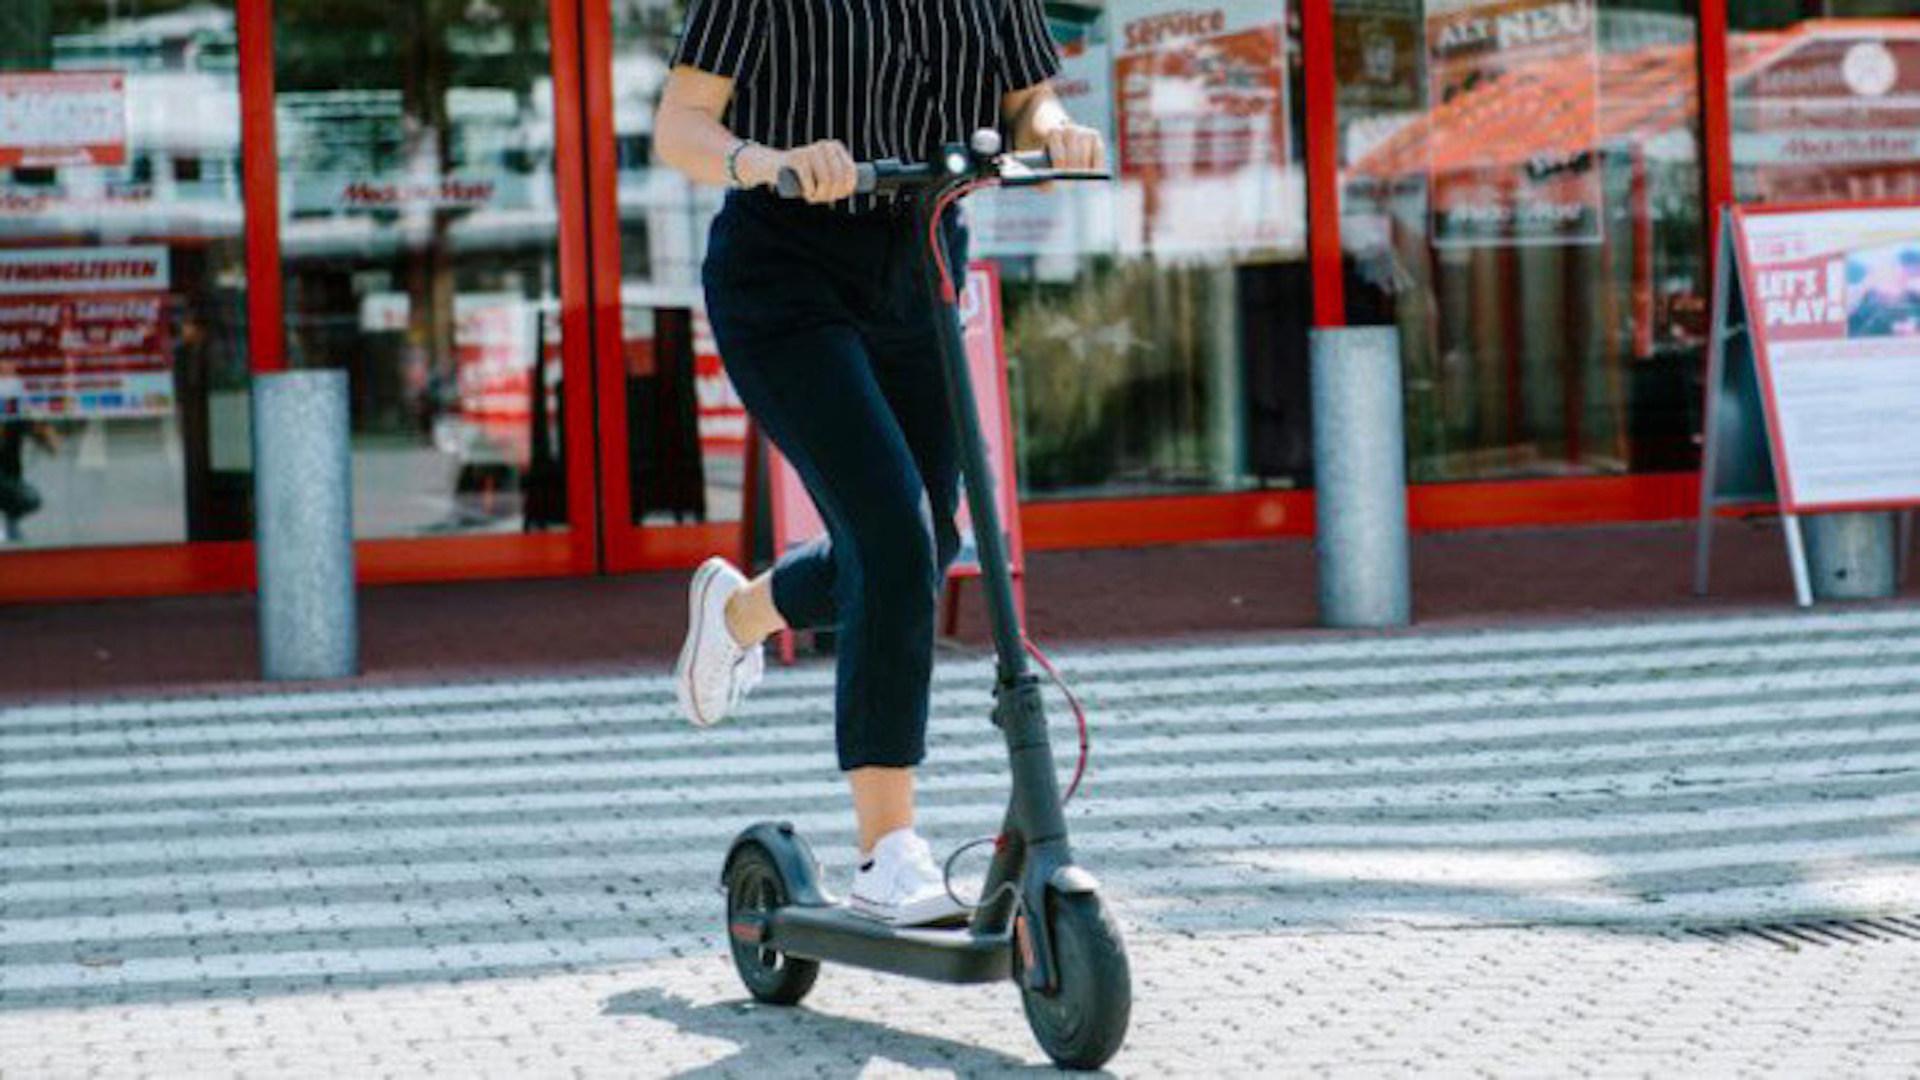 Saturn, Media Markt, Elektromobilität, E-Scooter, E-Roller, Elektroroller, E-Mobilität, tretroller, Elektroscooter, Elektro-Tretroller